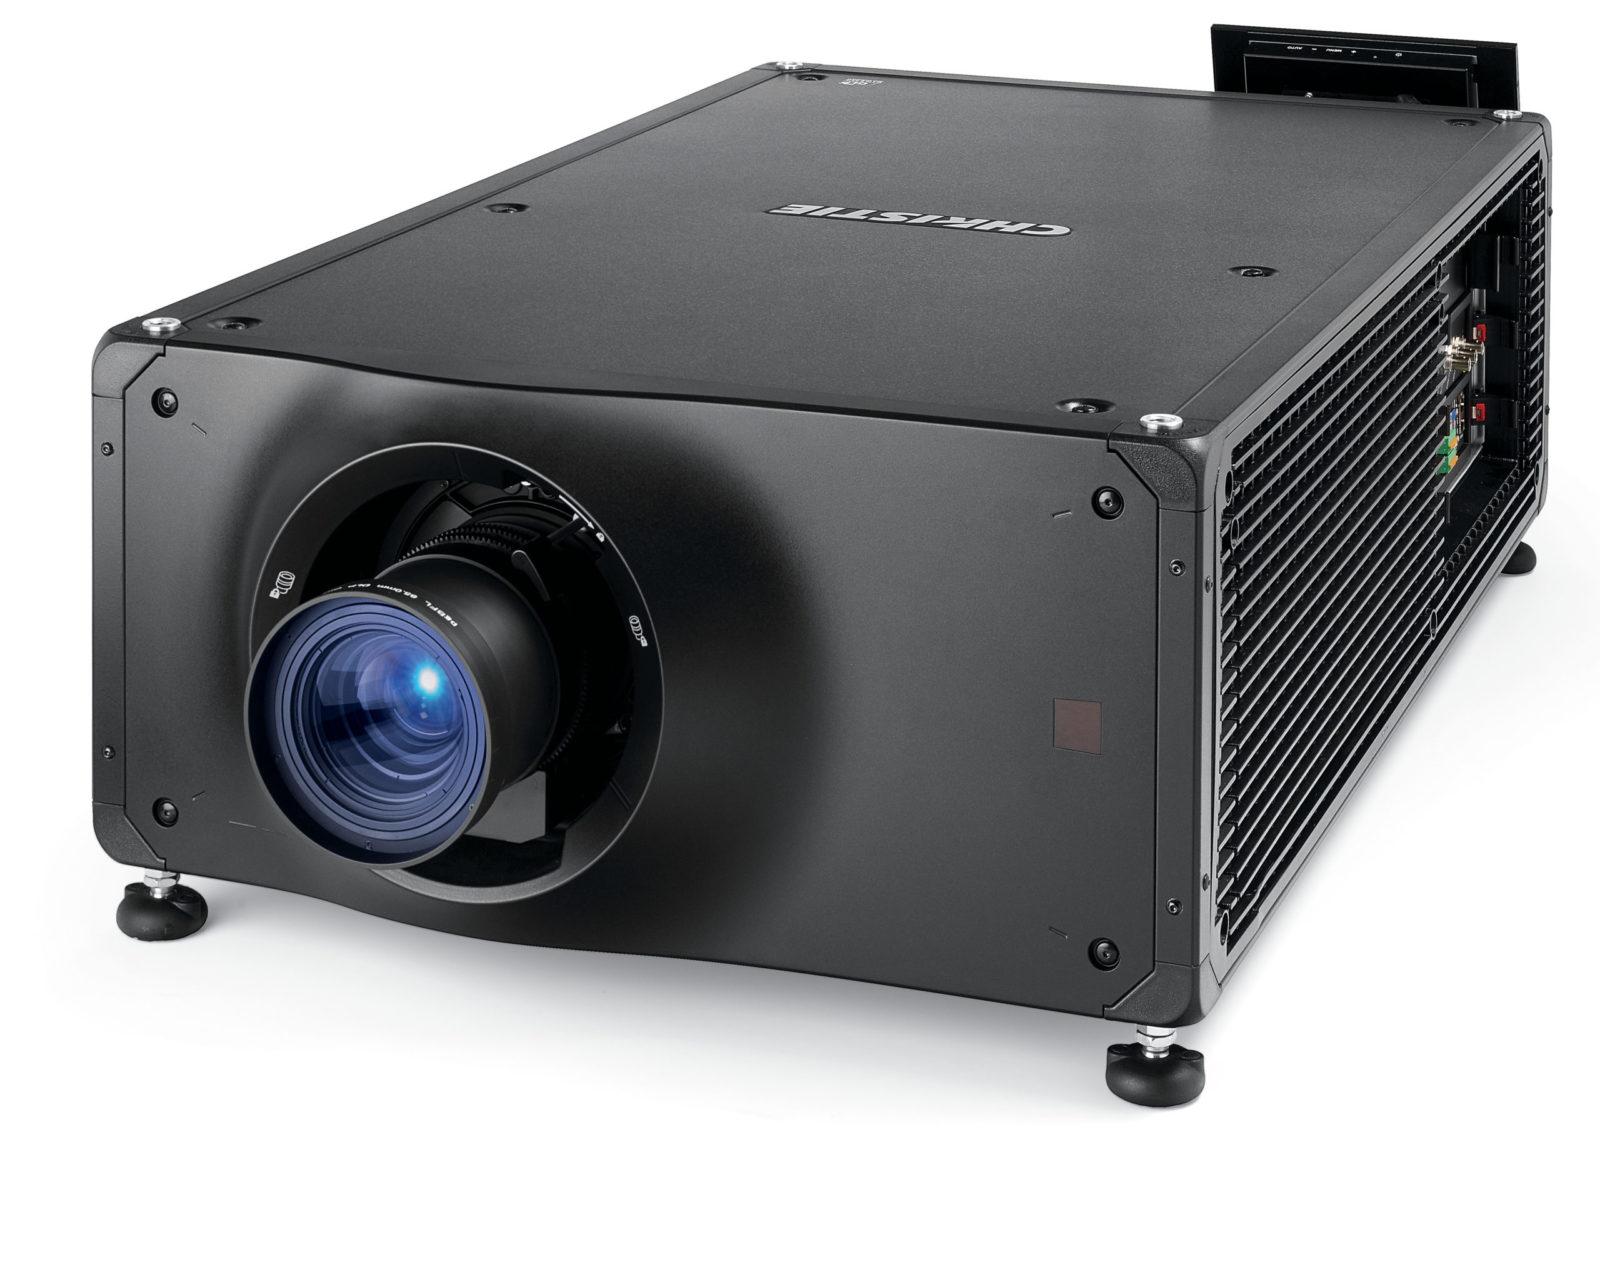 Christie представляет новый RGB RealLaser проектор  для небольших кинозалов.